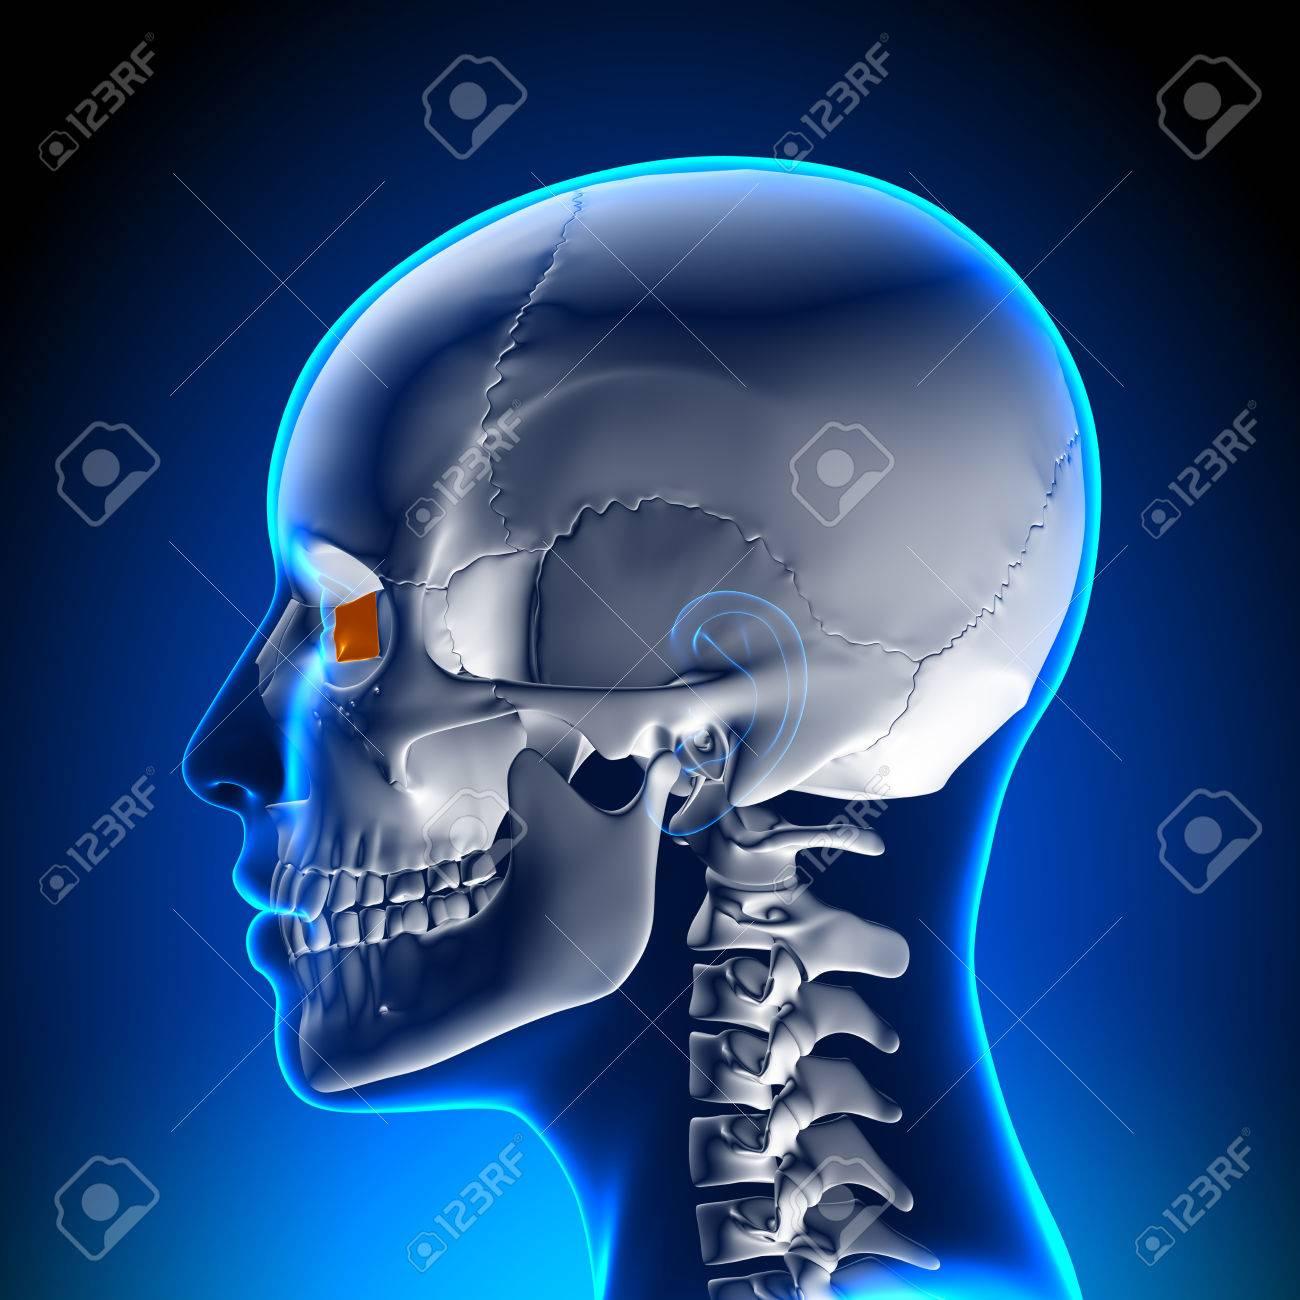 Female Lacrimal Bone - Skull / Cranium Anatomy Stock Photo, Picture ...